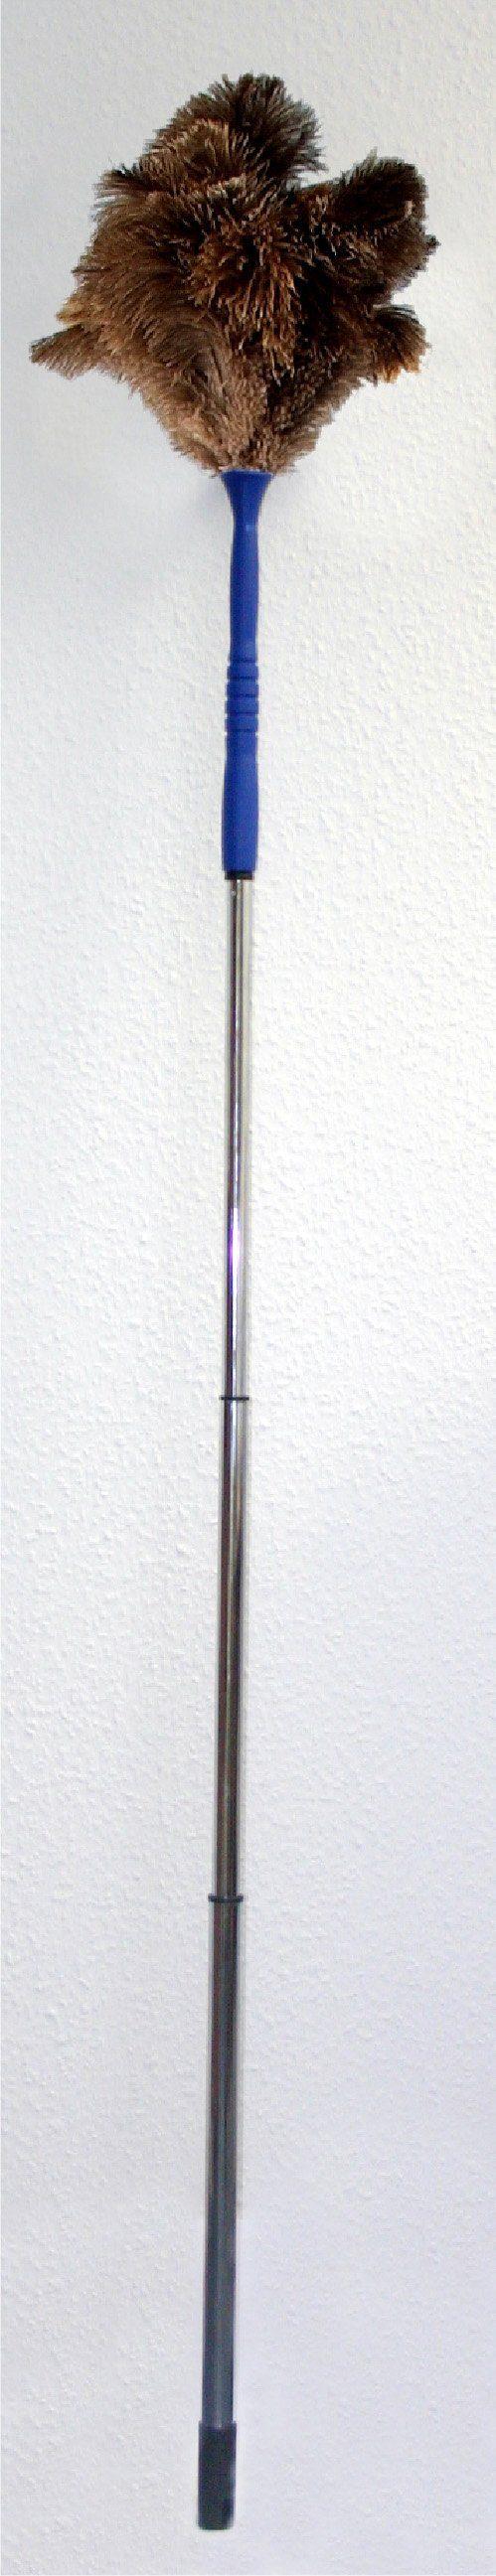 Maximex Straußenfeder-Staubwedel mit Teleskopstiel